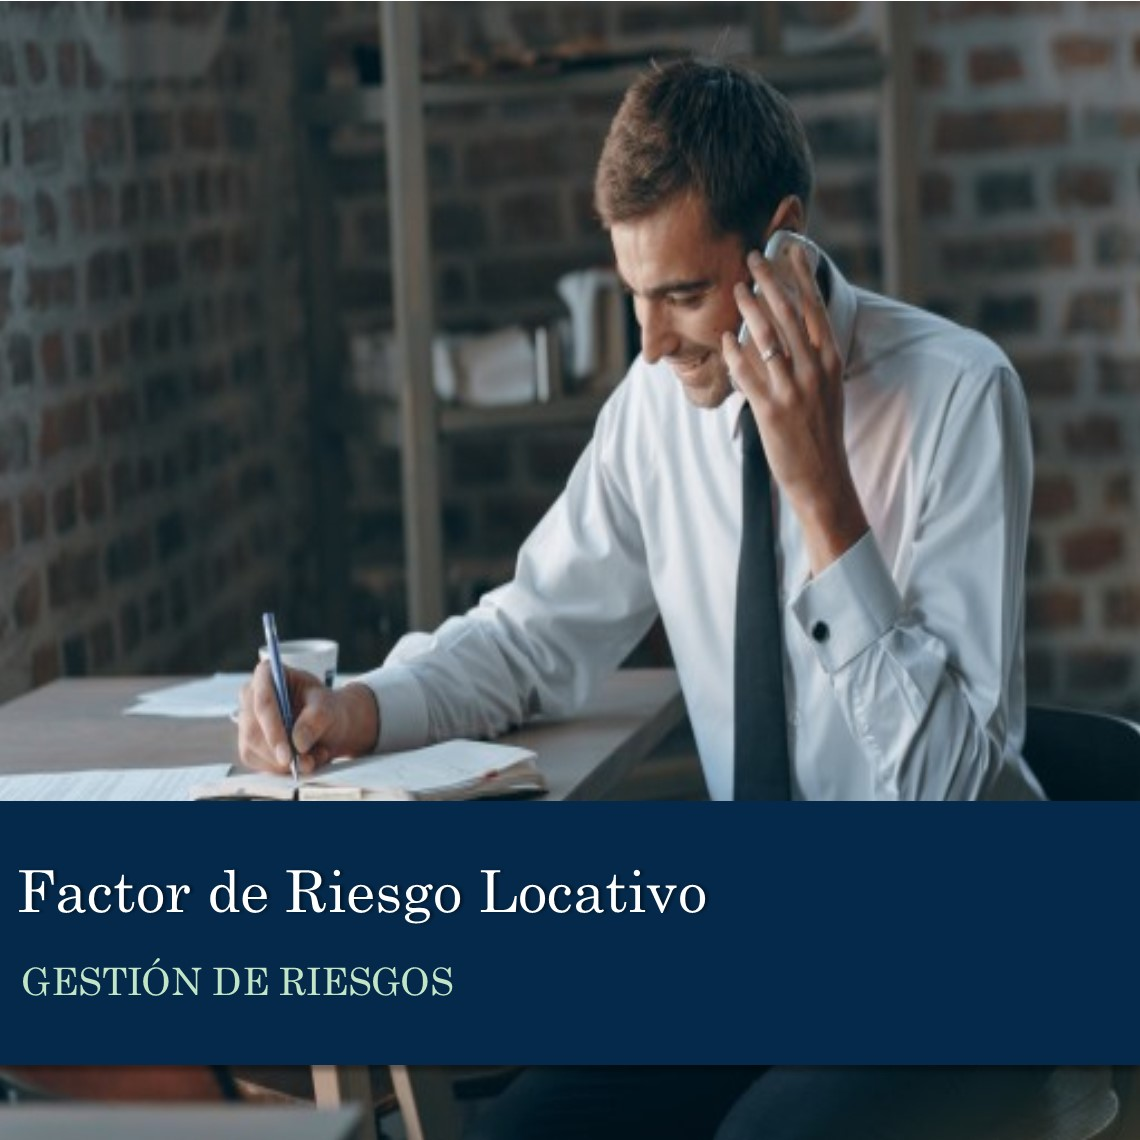 Factores de Riesgo Locativo